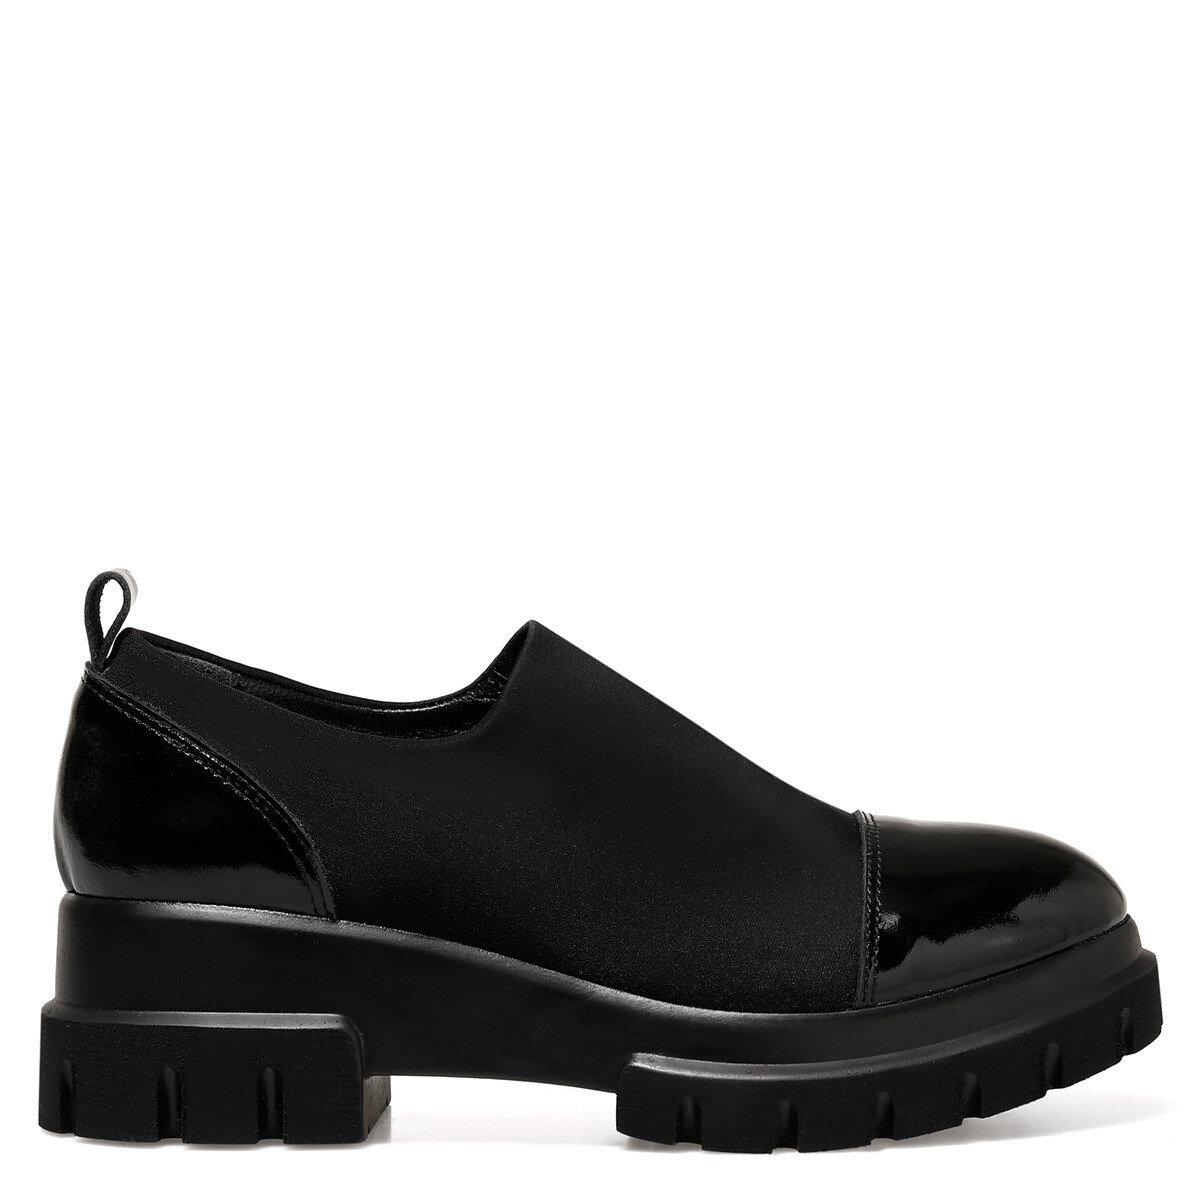 GATONA Siyah Kadın Dolgu Topuk Ayakkabı